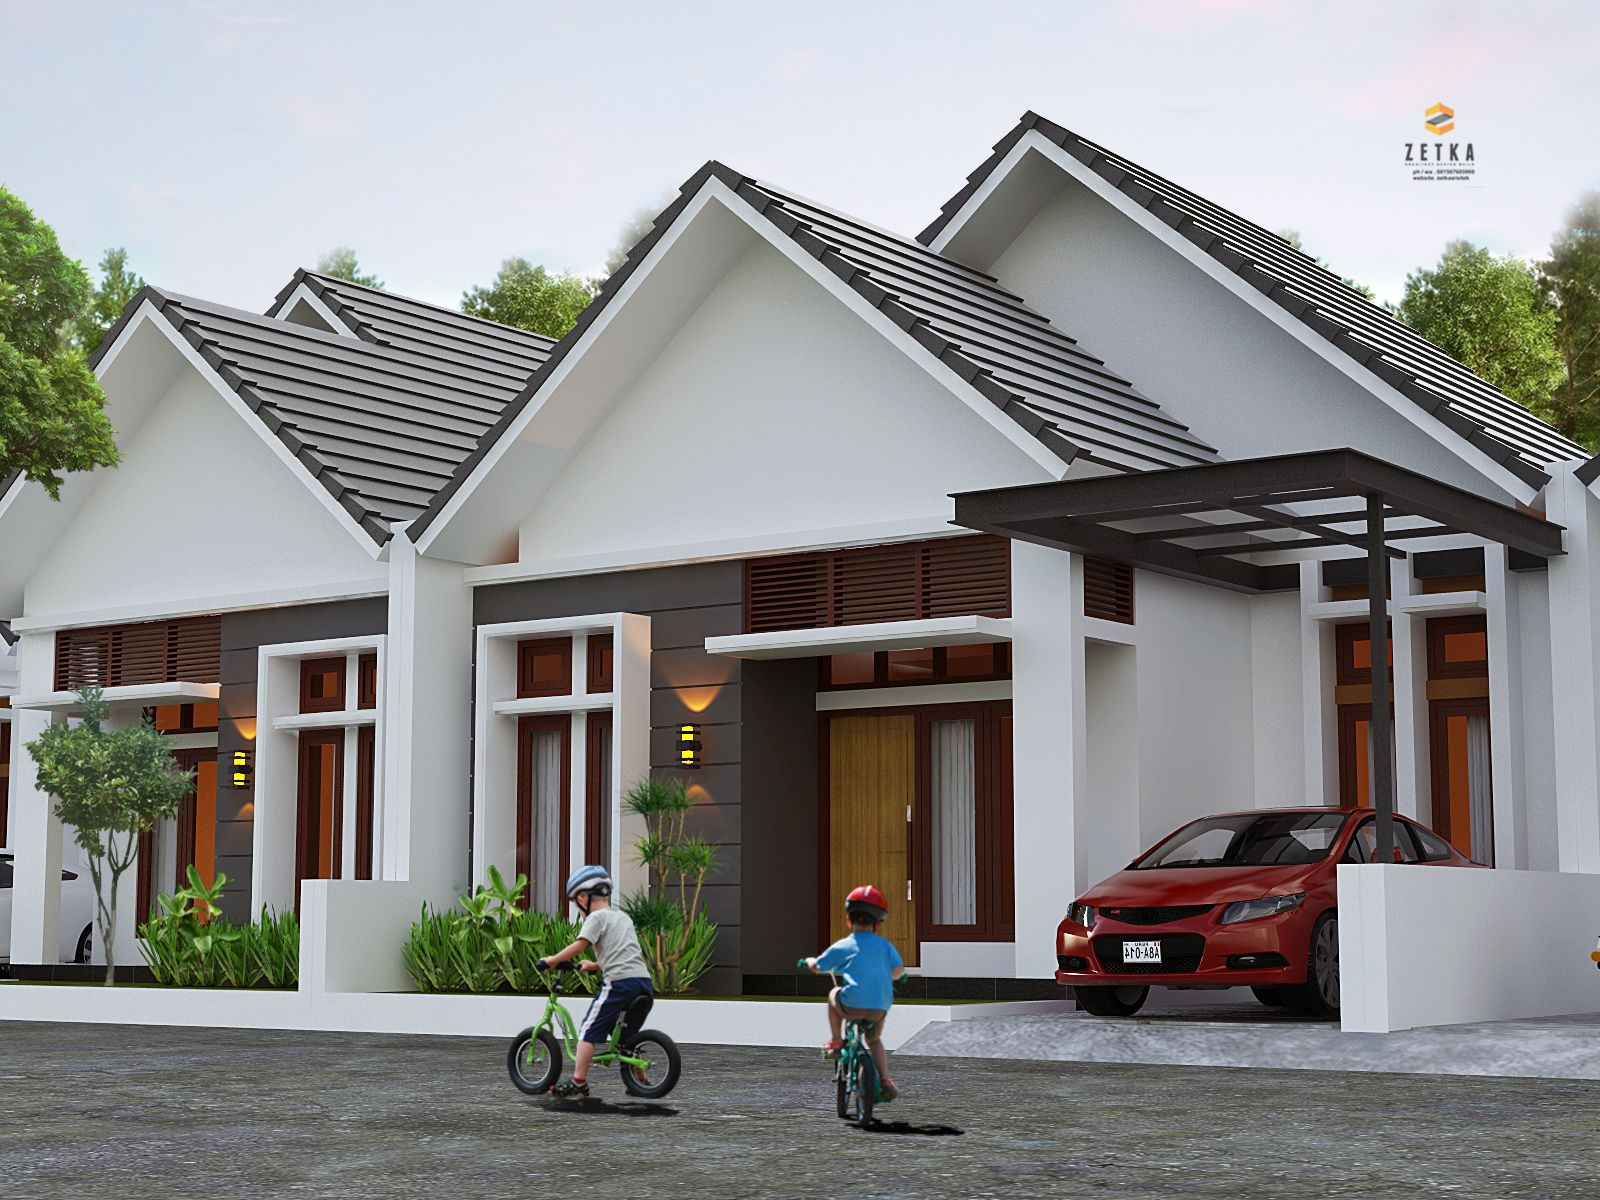 Pin oleh zetka arsitek di perumahan palangkaraya Rumah